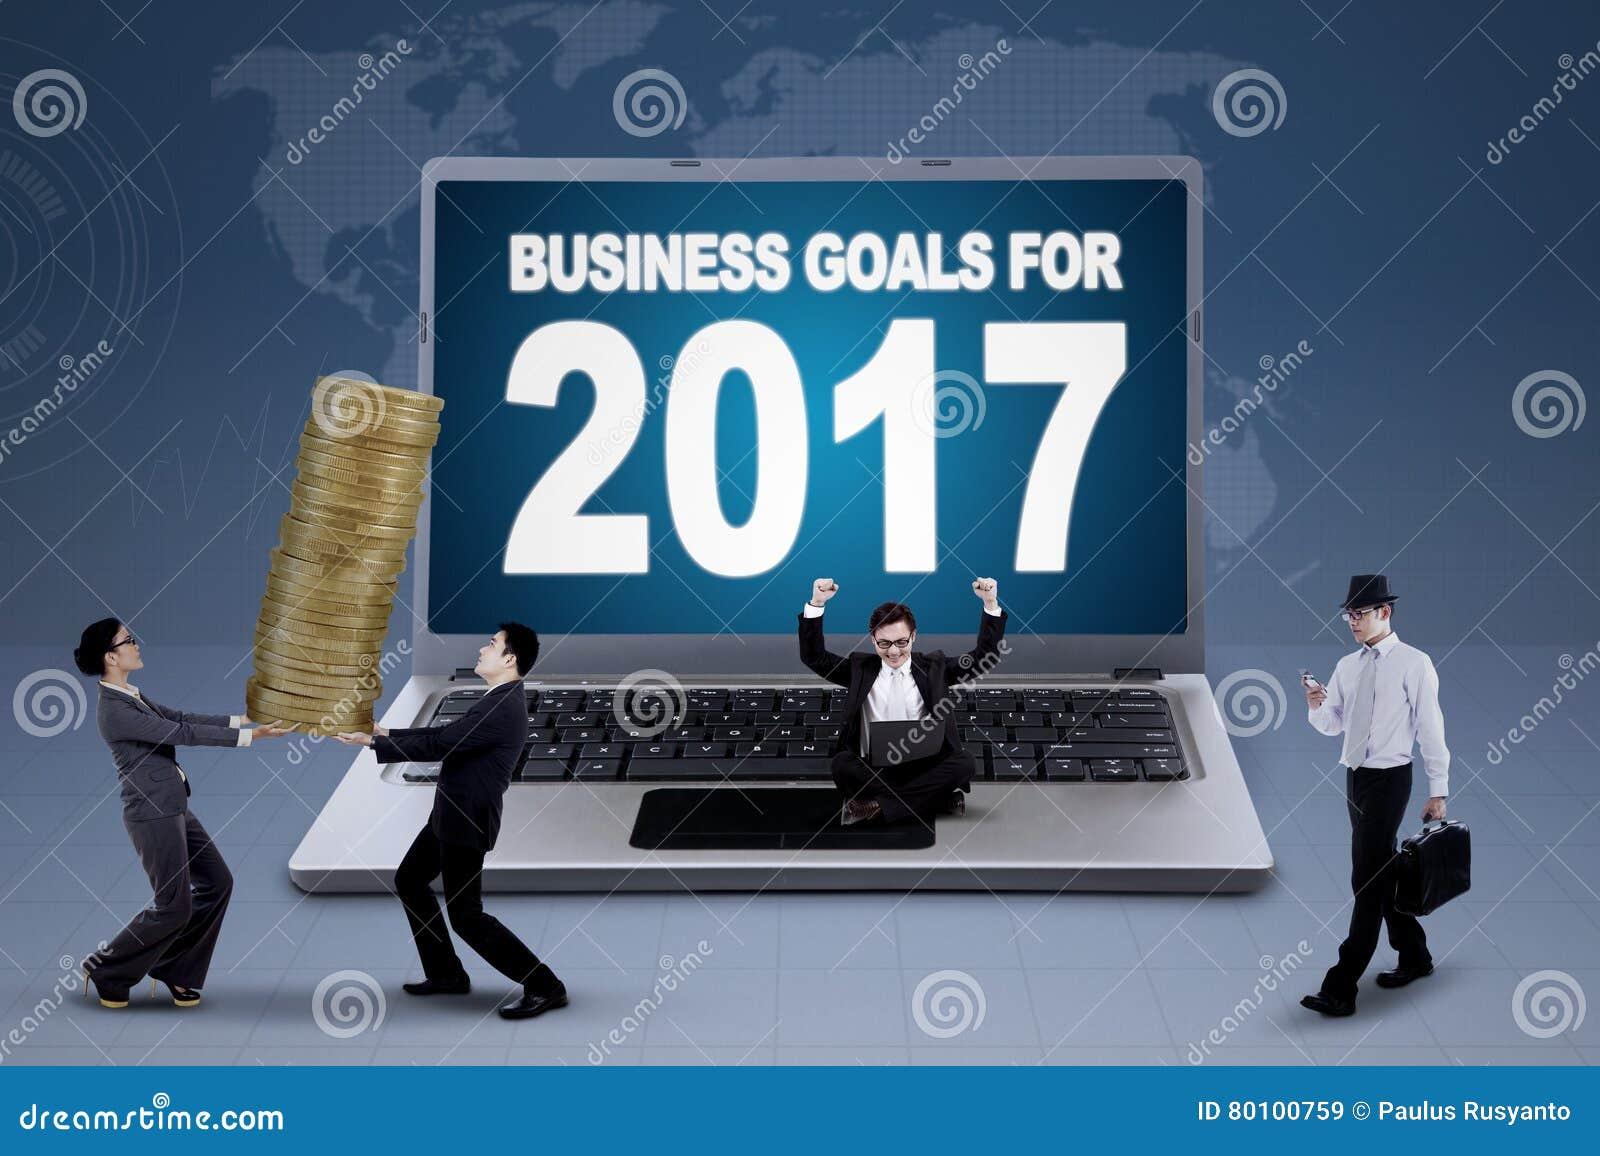 Portátil que mostra o texto dos objetivos de negócios para 2017